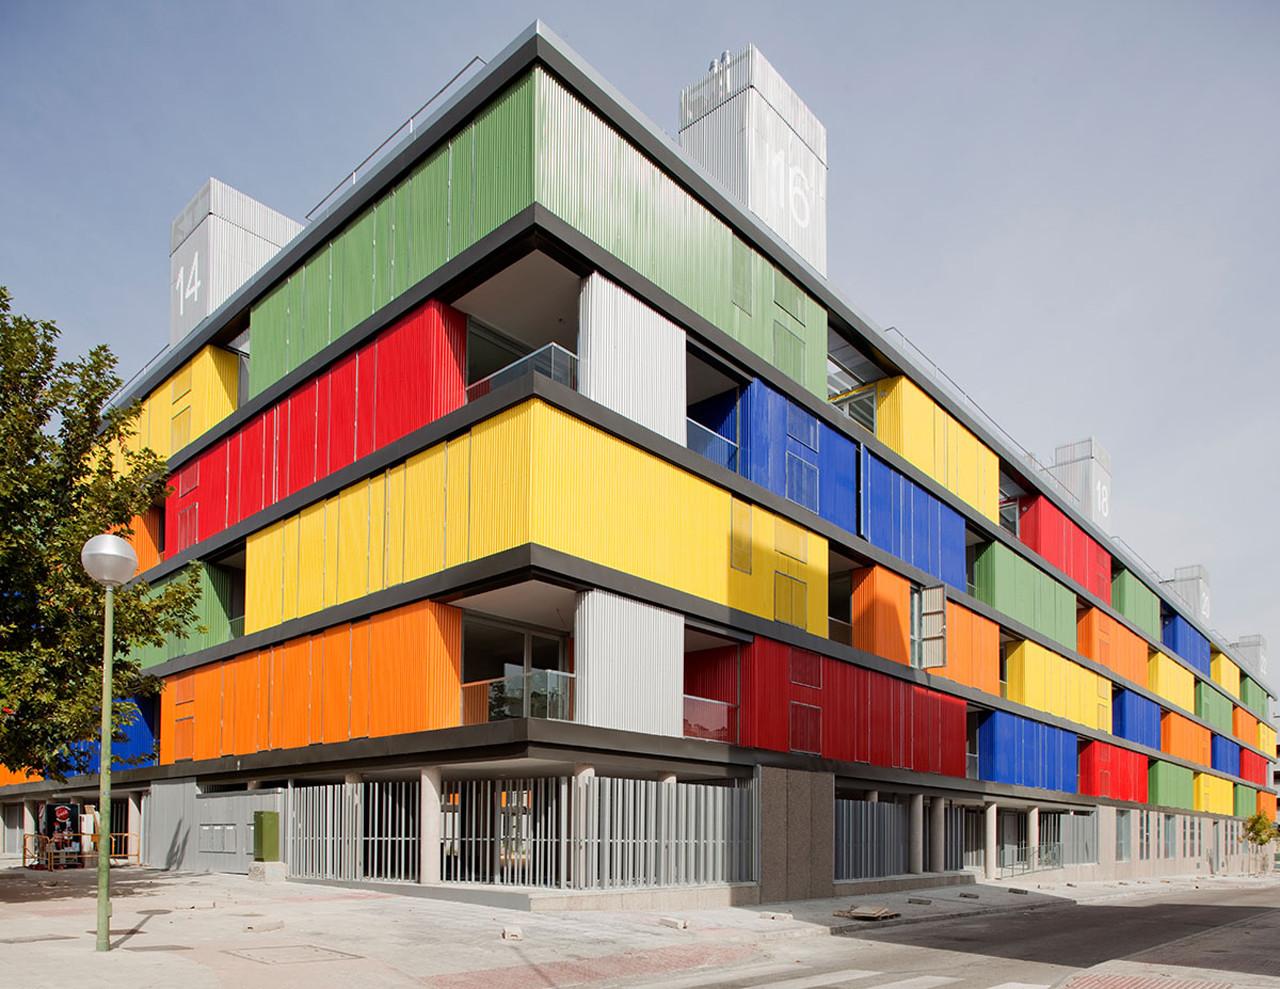 82 viviendas en carabanchel acm arquitectos plataforma - Arquitectos en espana ...